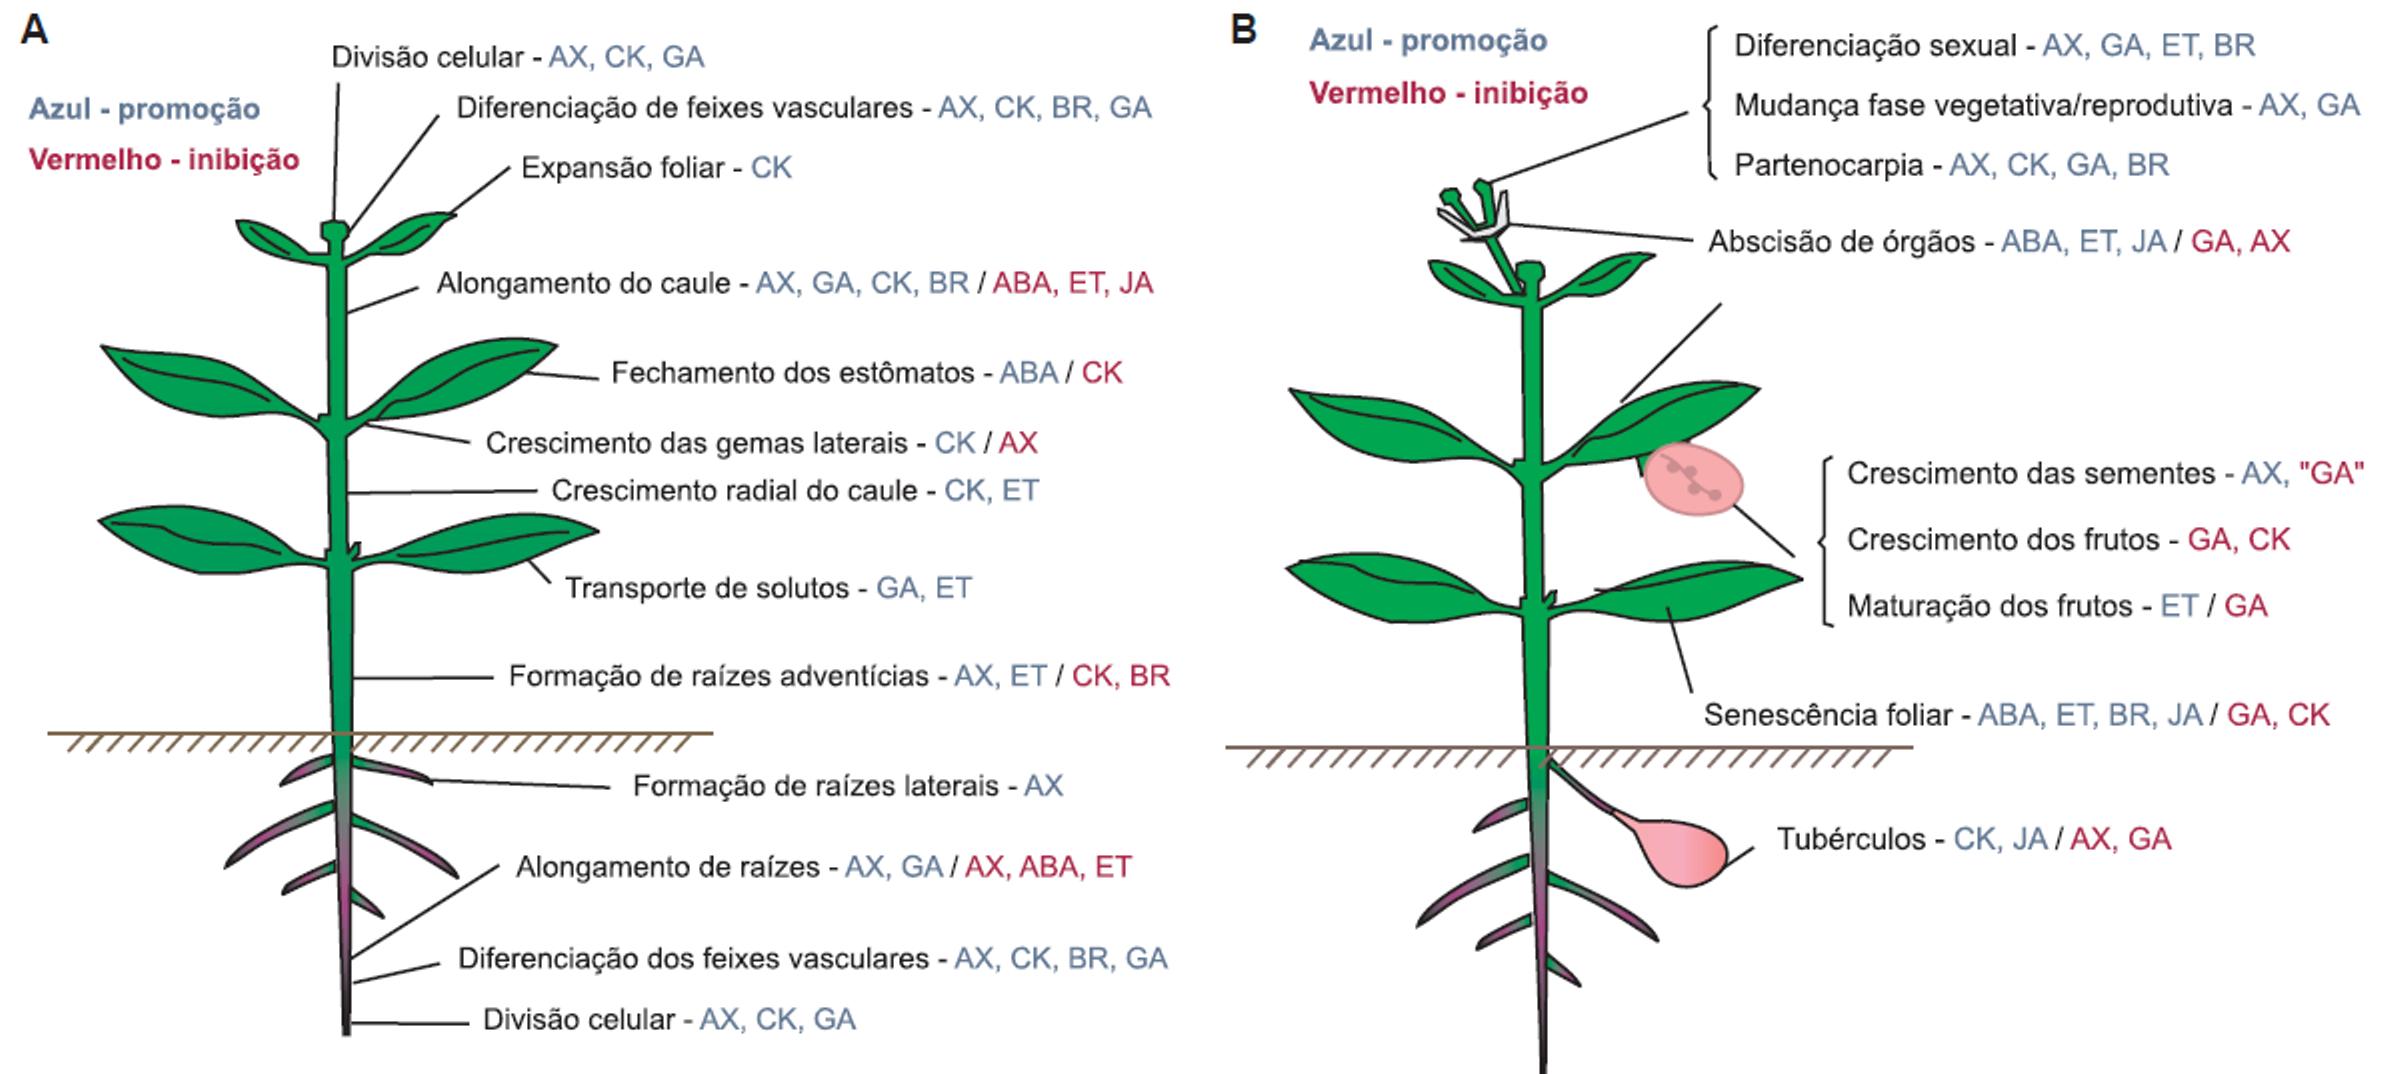 Figura 2. Funções dos biorreguladores no crescimento vegetativo (A) e no crescimento reprodutivo e na senescência (B). Legenda: AX = auxina, CK = citocinina, GA = giberelina, BR = brassinosteróide, ABA = ácido abscísico, ET = etileno, JA = ácido jasmônico. Fonte: Rodrigues, 2008.